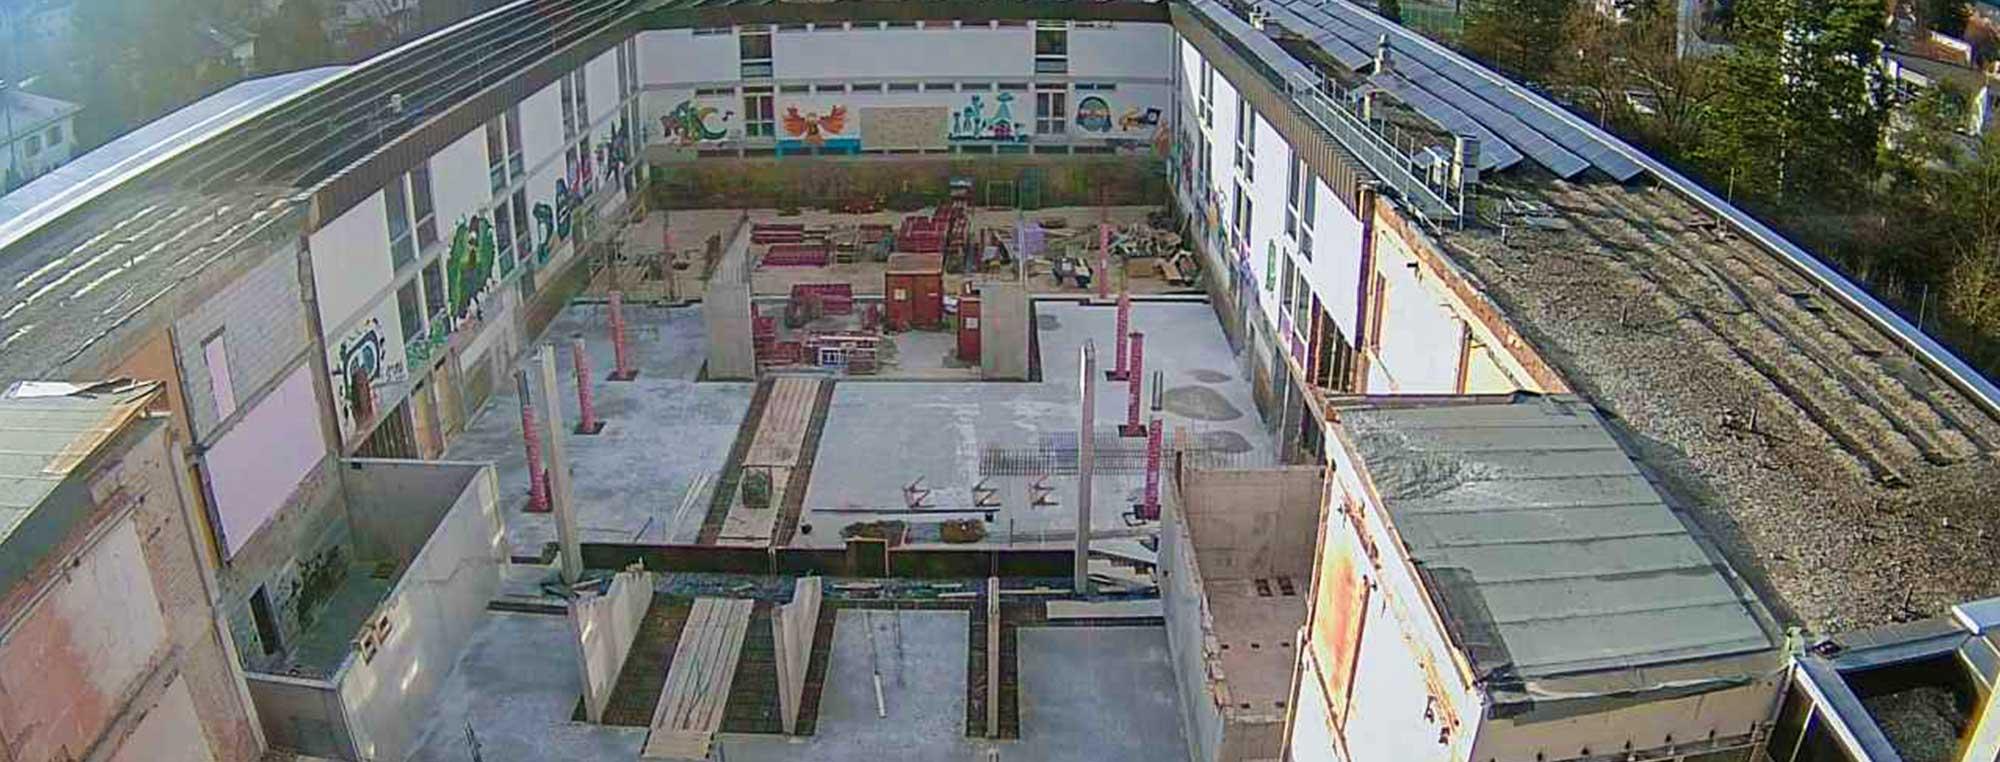 Umbau und Erweiterung Dossenberger Gymnasium in Günzburg.